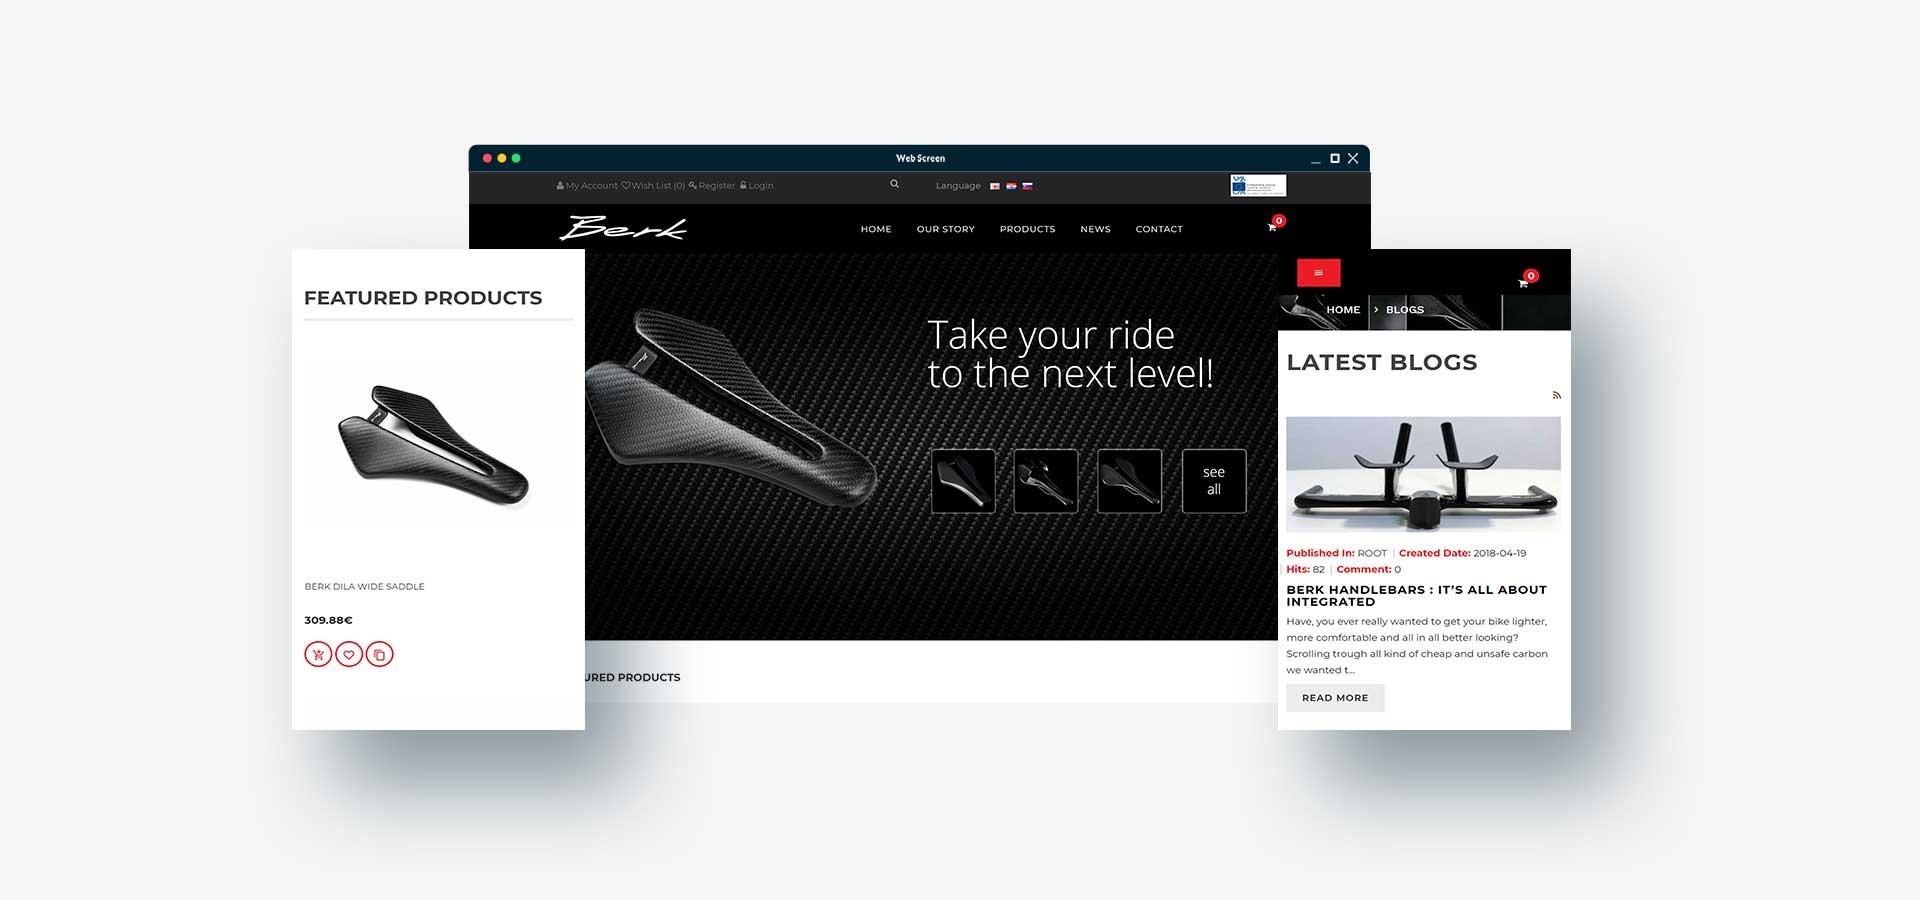 Agencija Revolver: Spletna trgovina Berk je prilagojena za mobilne naprave